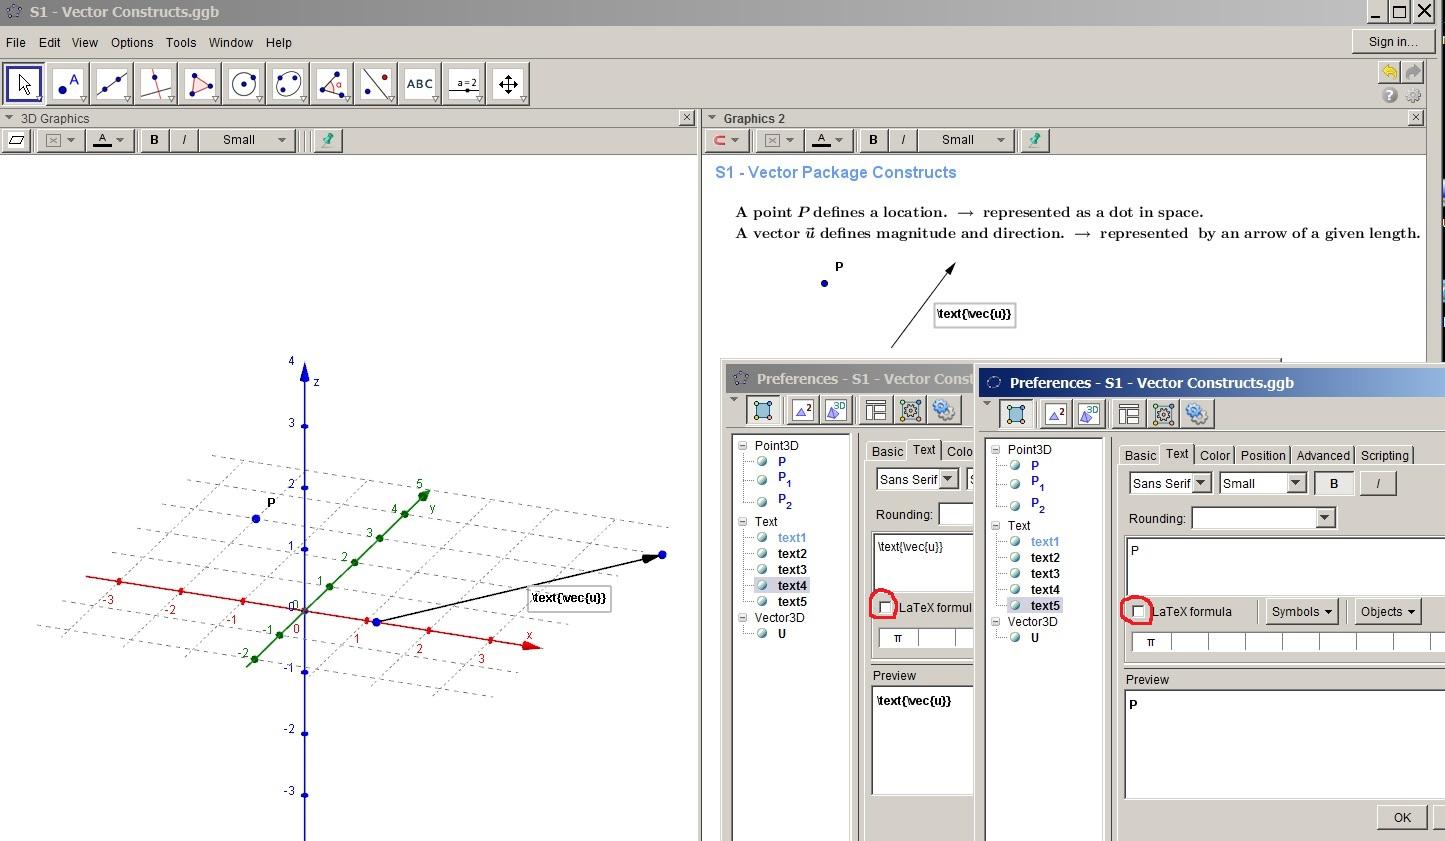 GeoGebra 4.9.274.0-JOGL2 will not display Latex in 3D